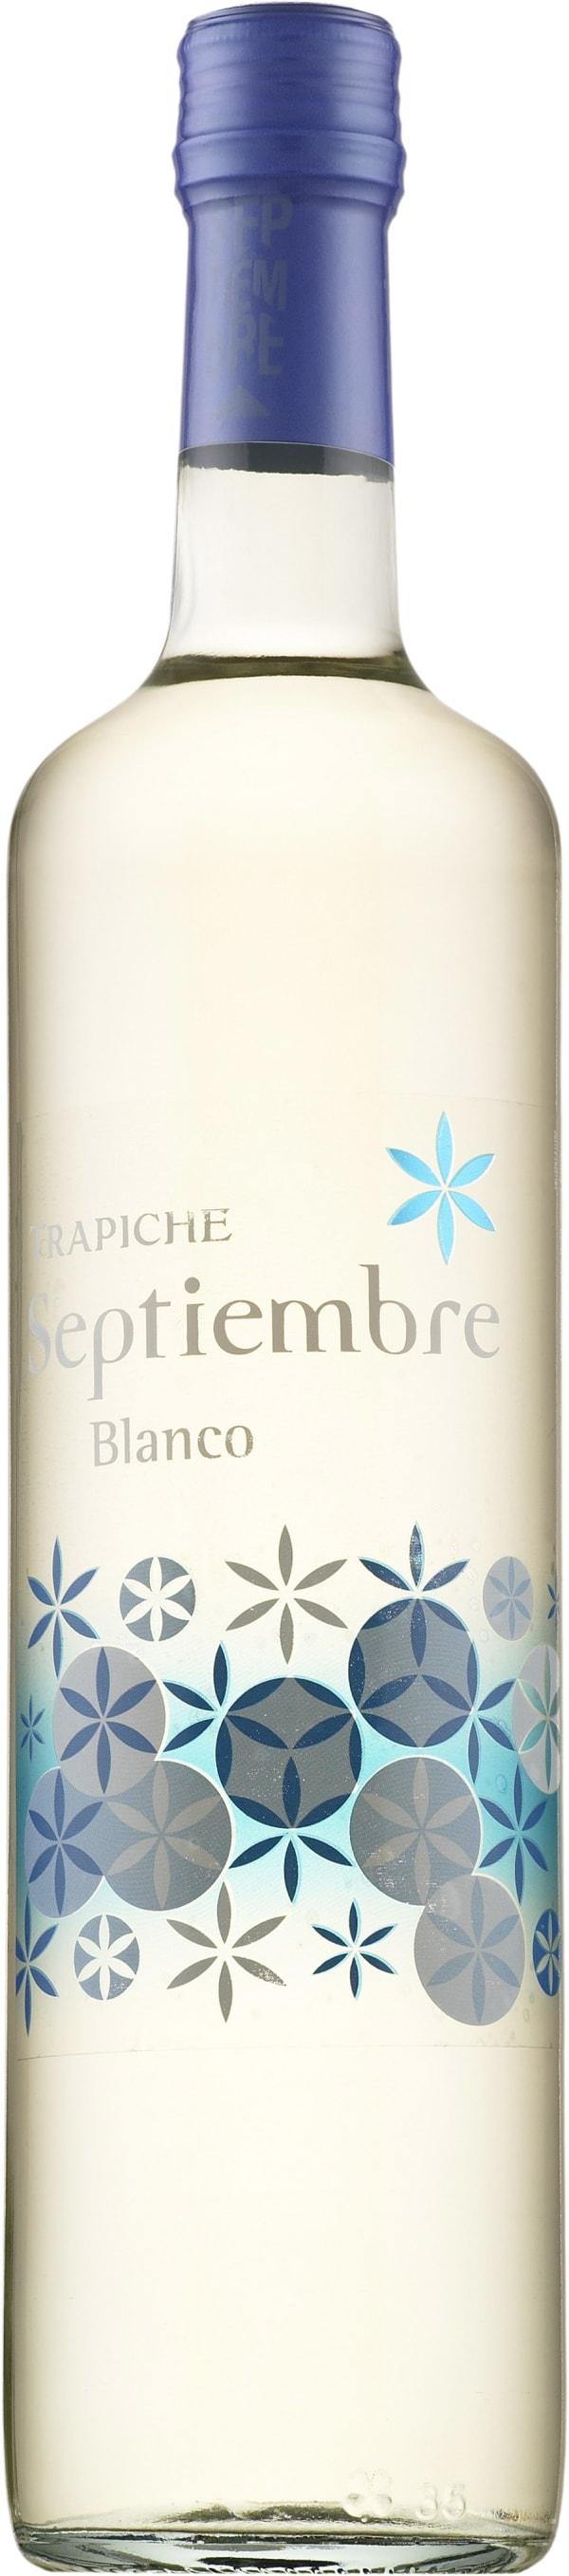 Trapiche Septiembre Blanco